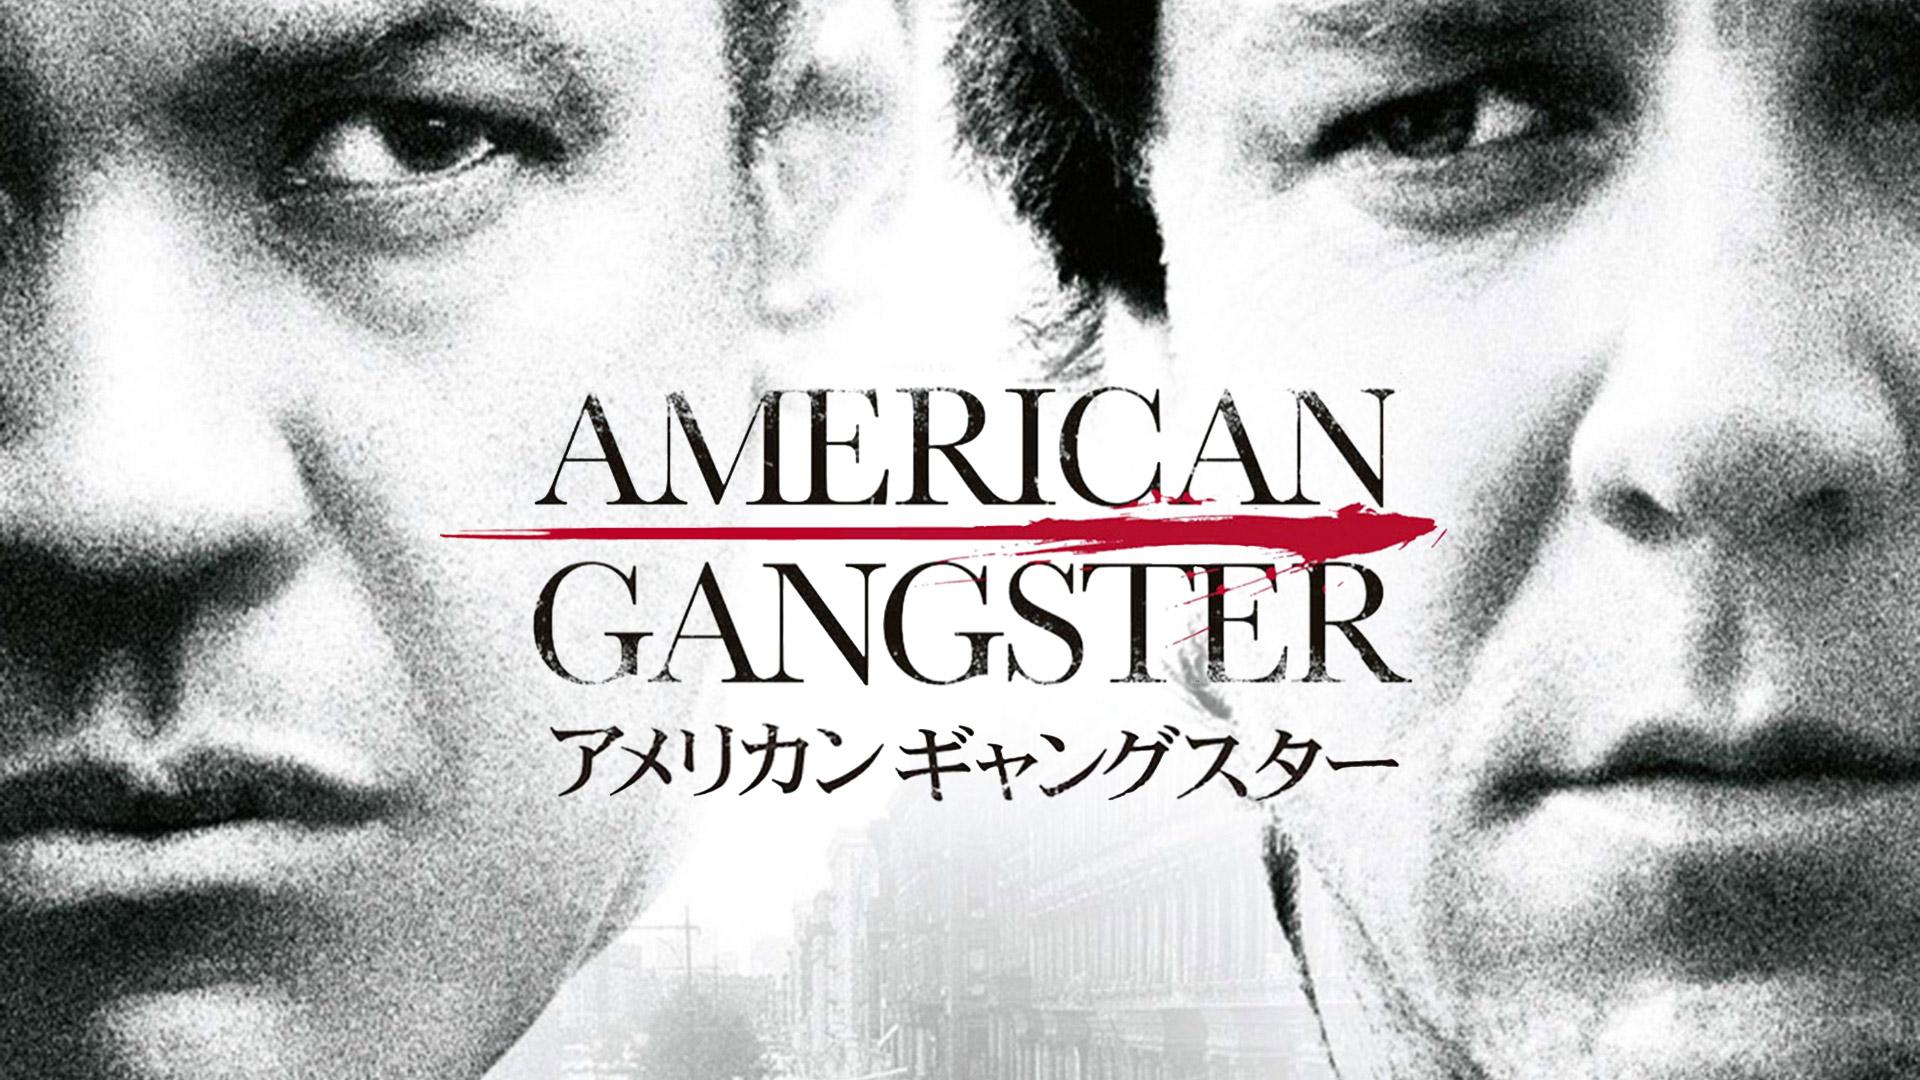 アメリカン・ギャングスター (吹替版)